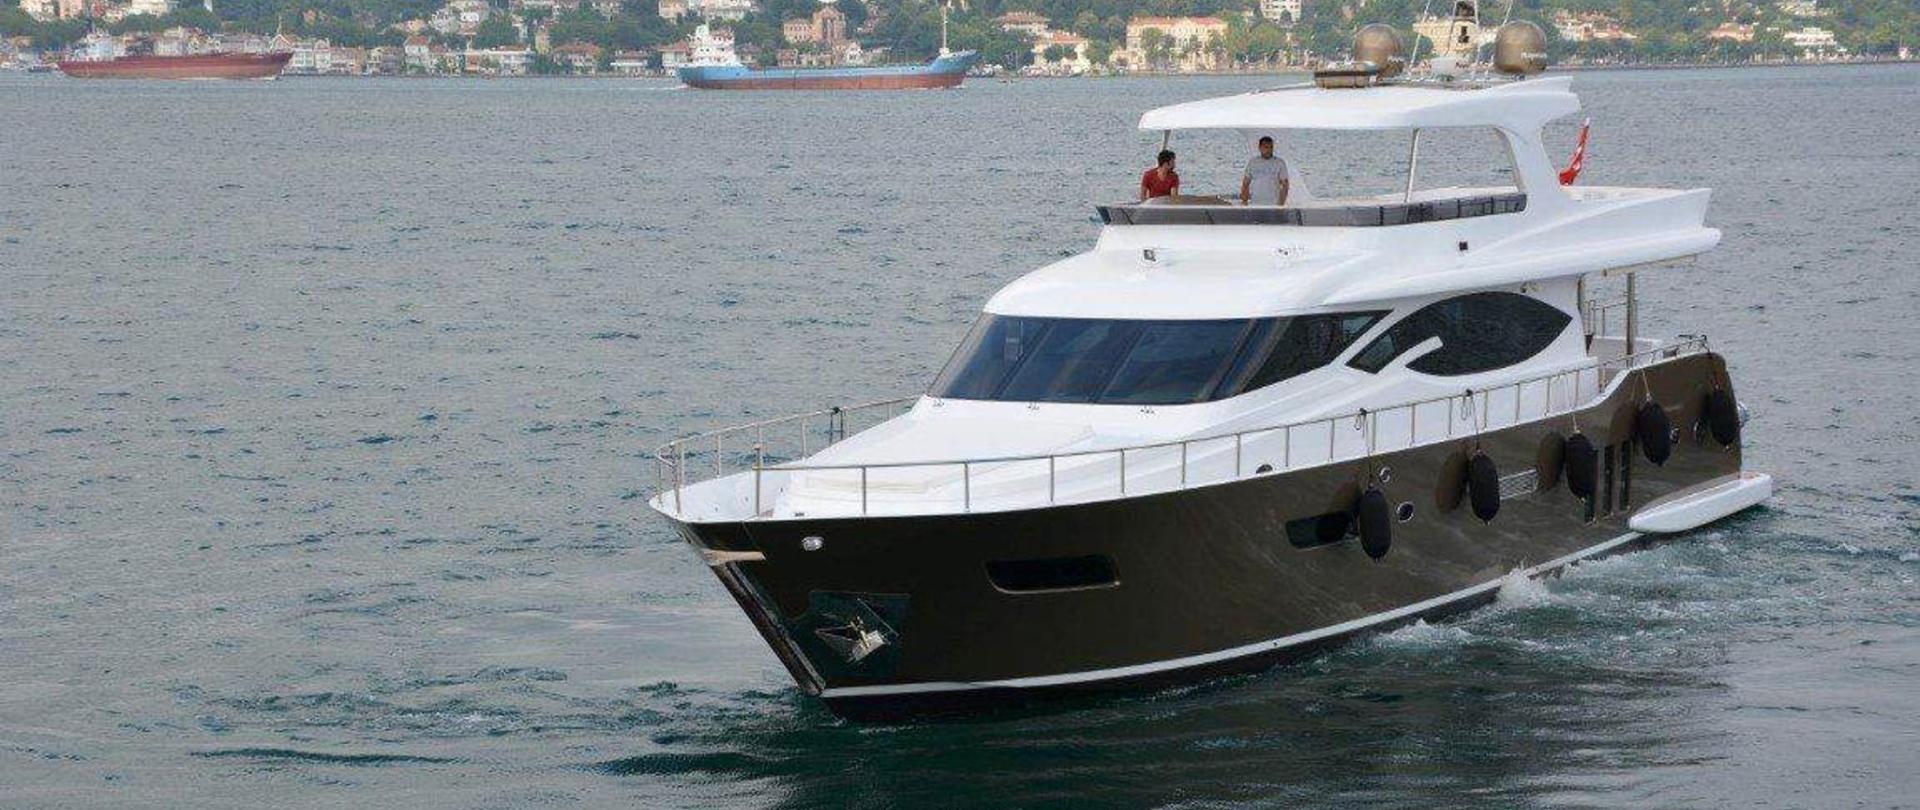 yacht-m-st-k-3-2.jpg